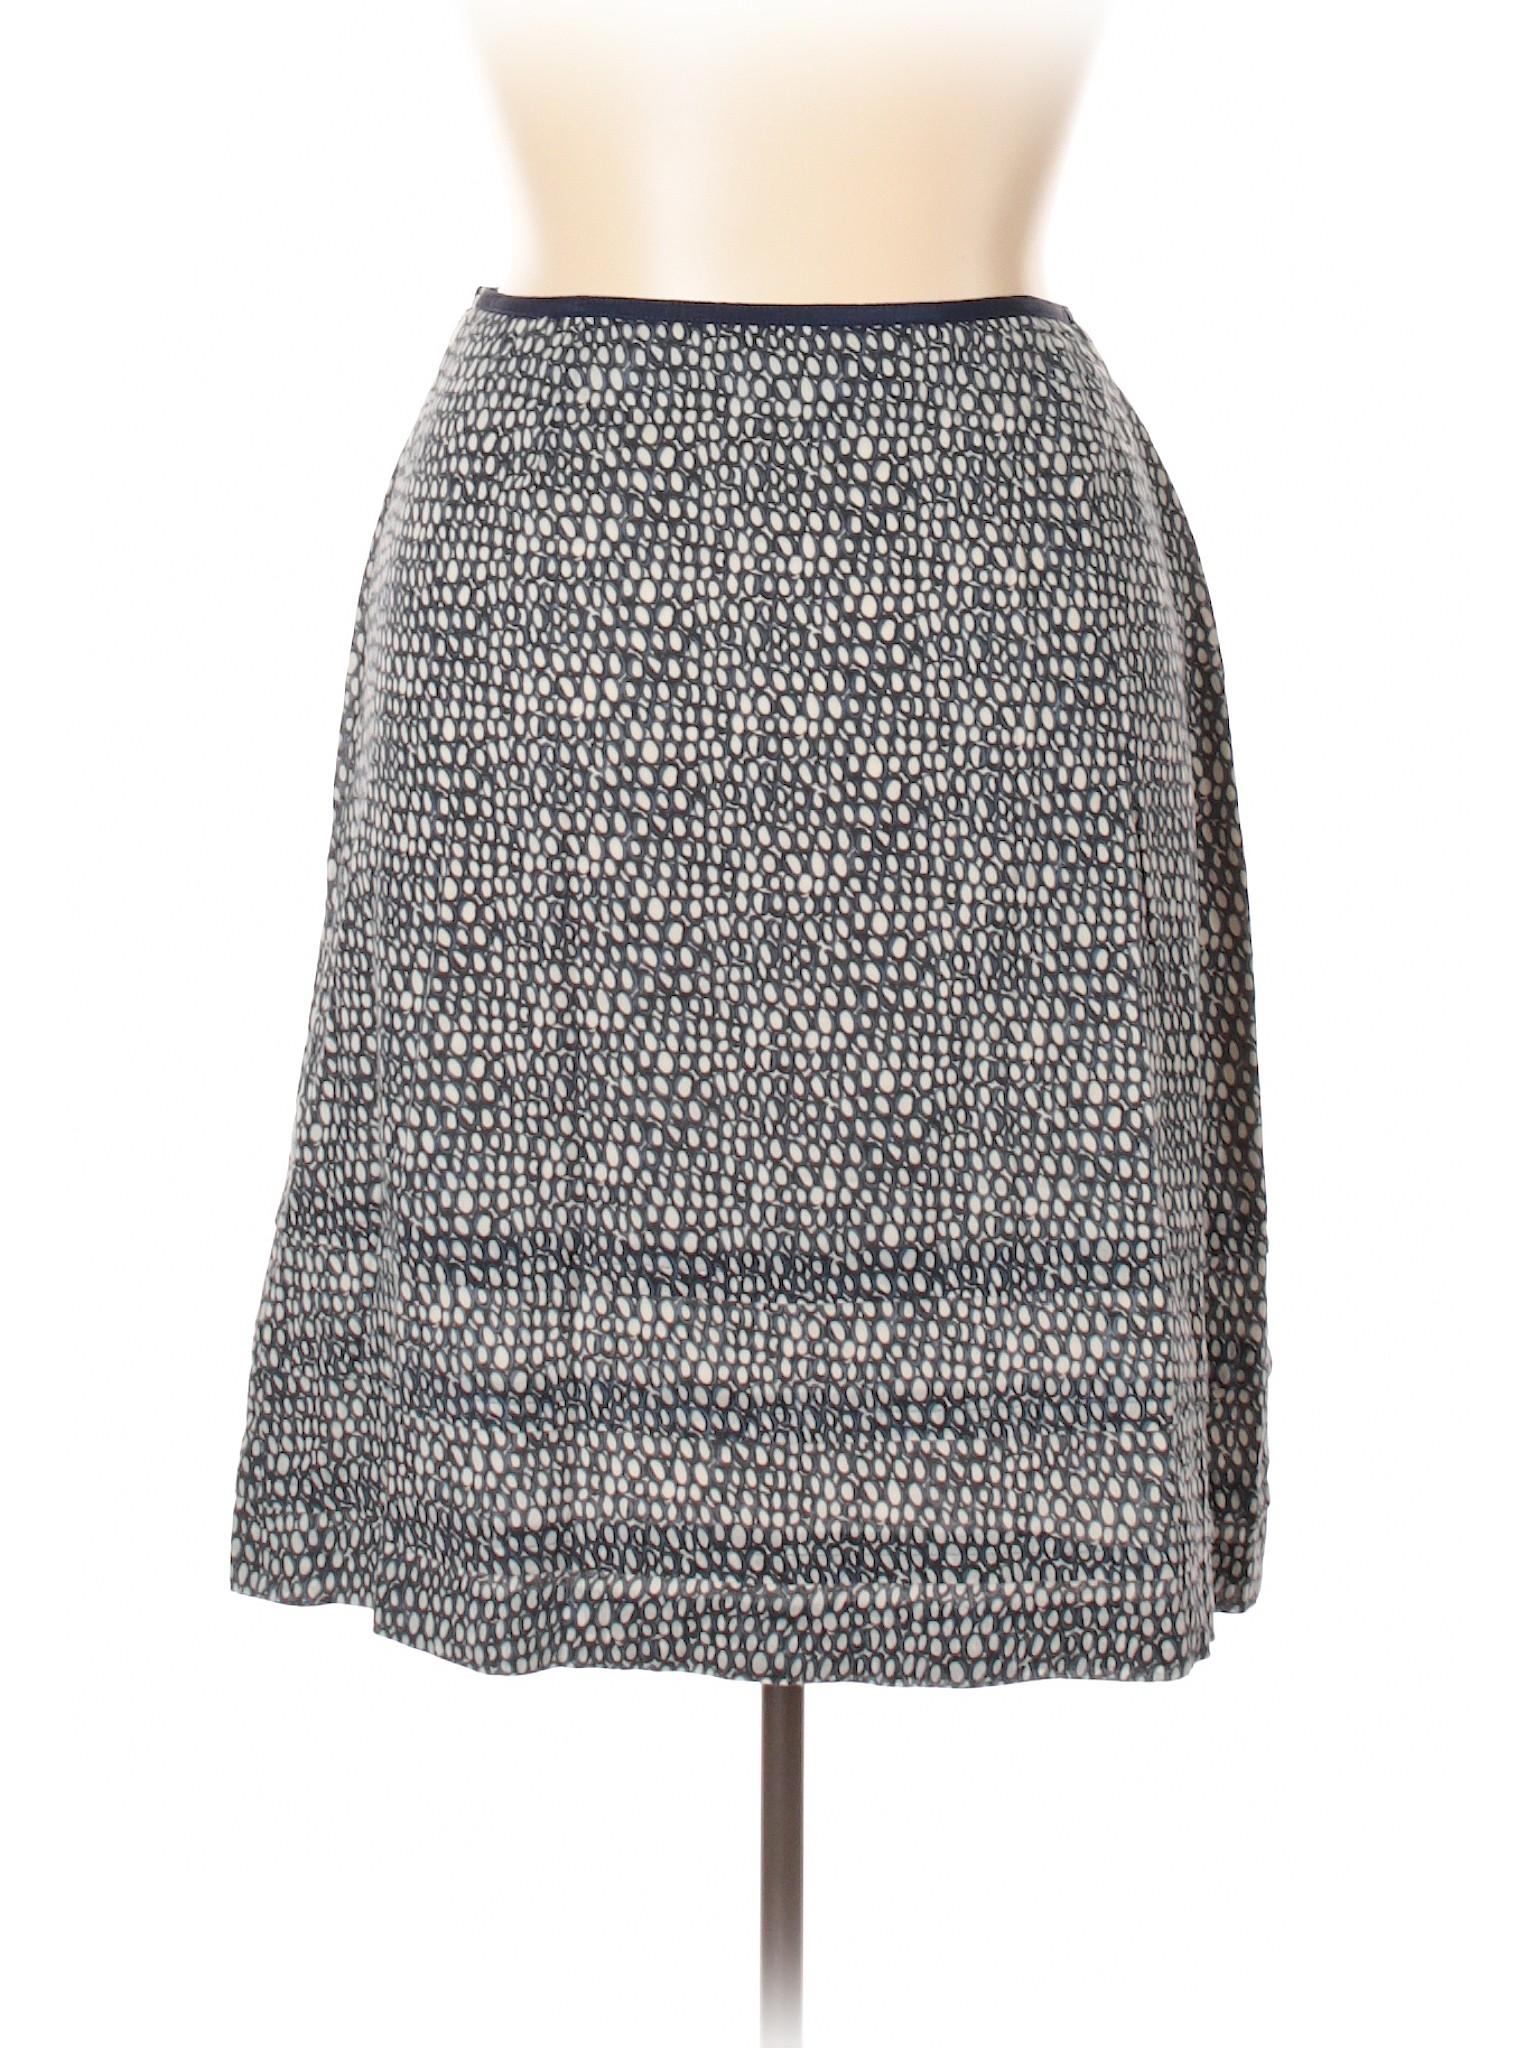 Casual Boutique Skirt Boutique Casual gXwzEq